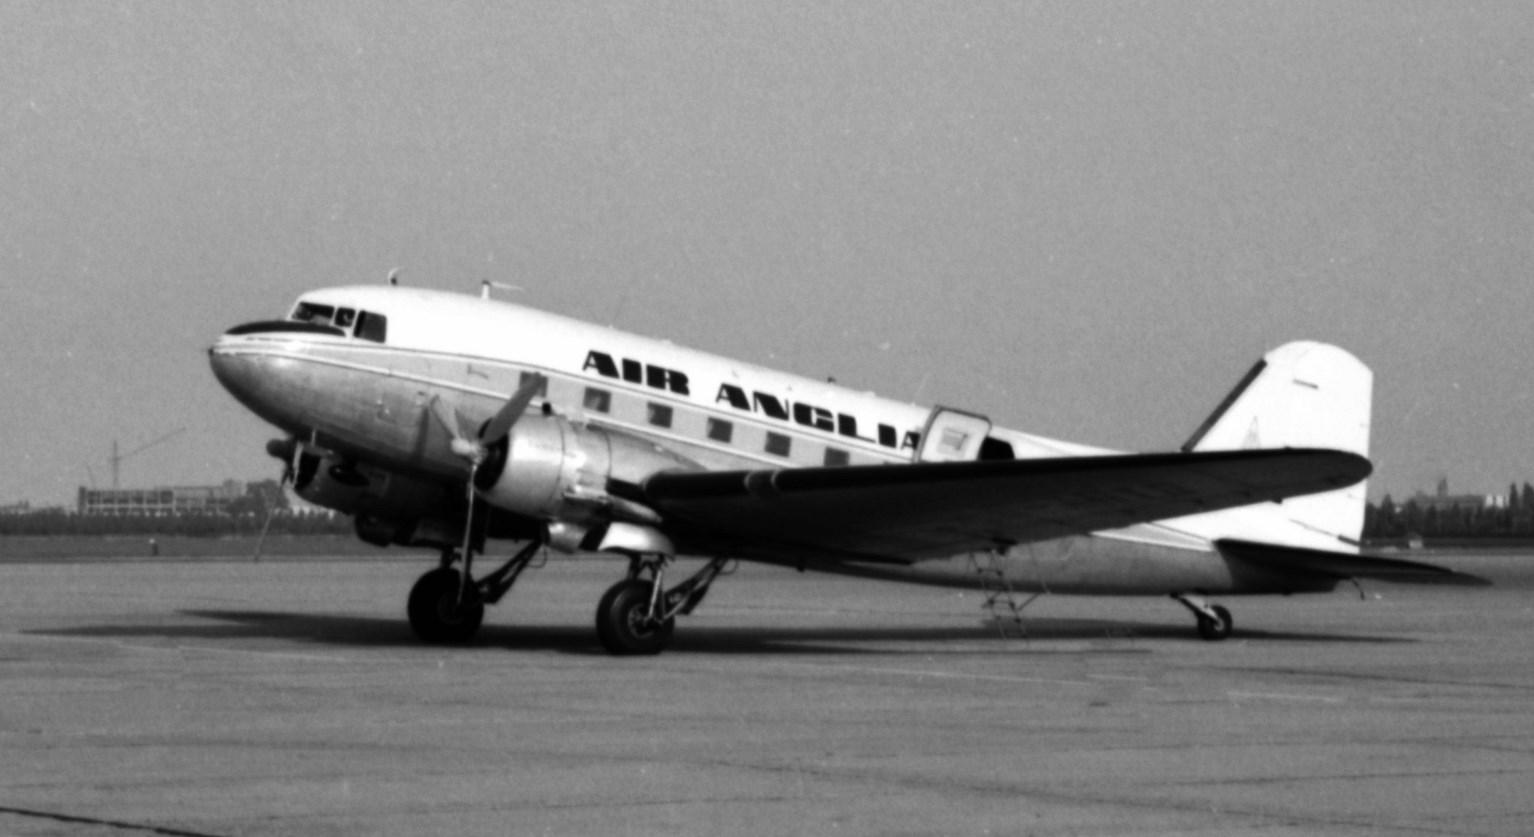 Naam: 40. G-ANTD Douglas C-46D cn.26414 Air Anglia-2.jpg Bekeken: 448 Grootte: 164,4 KB